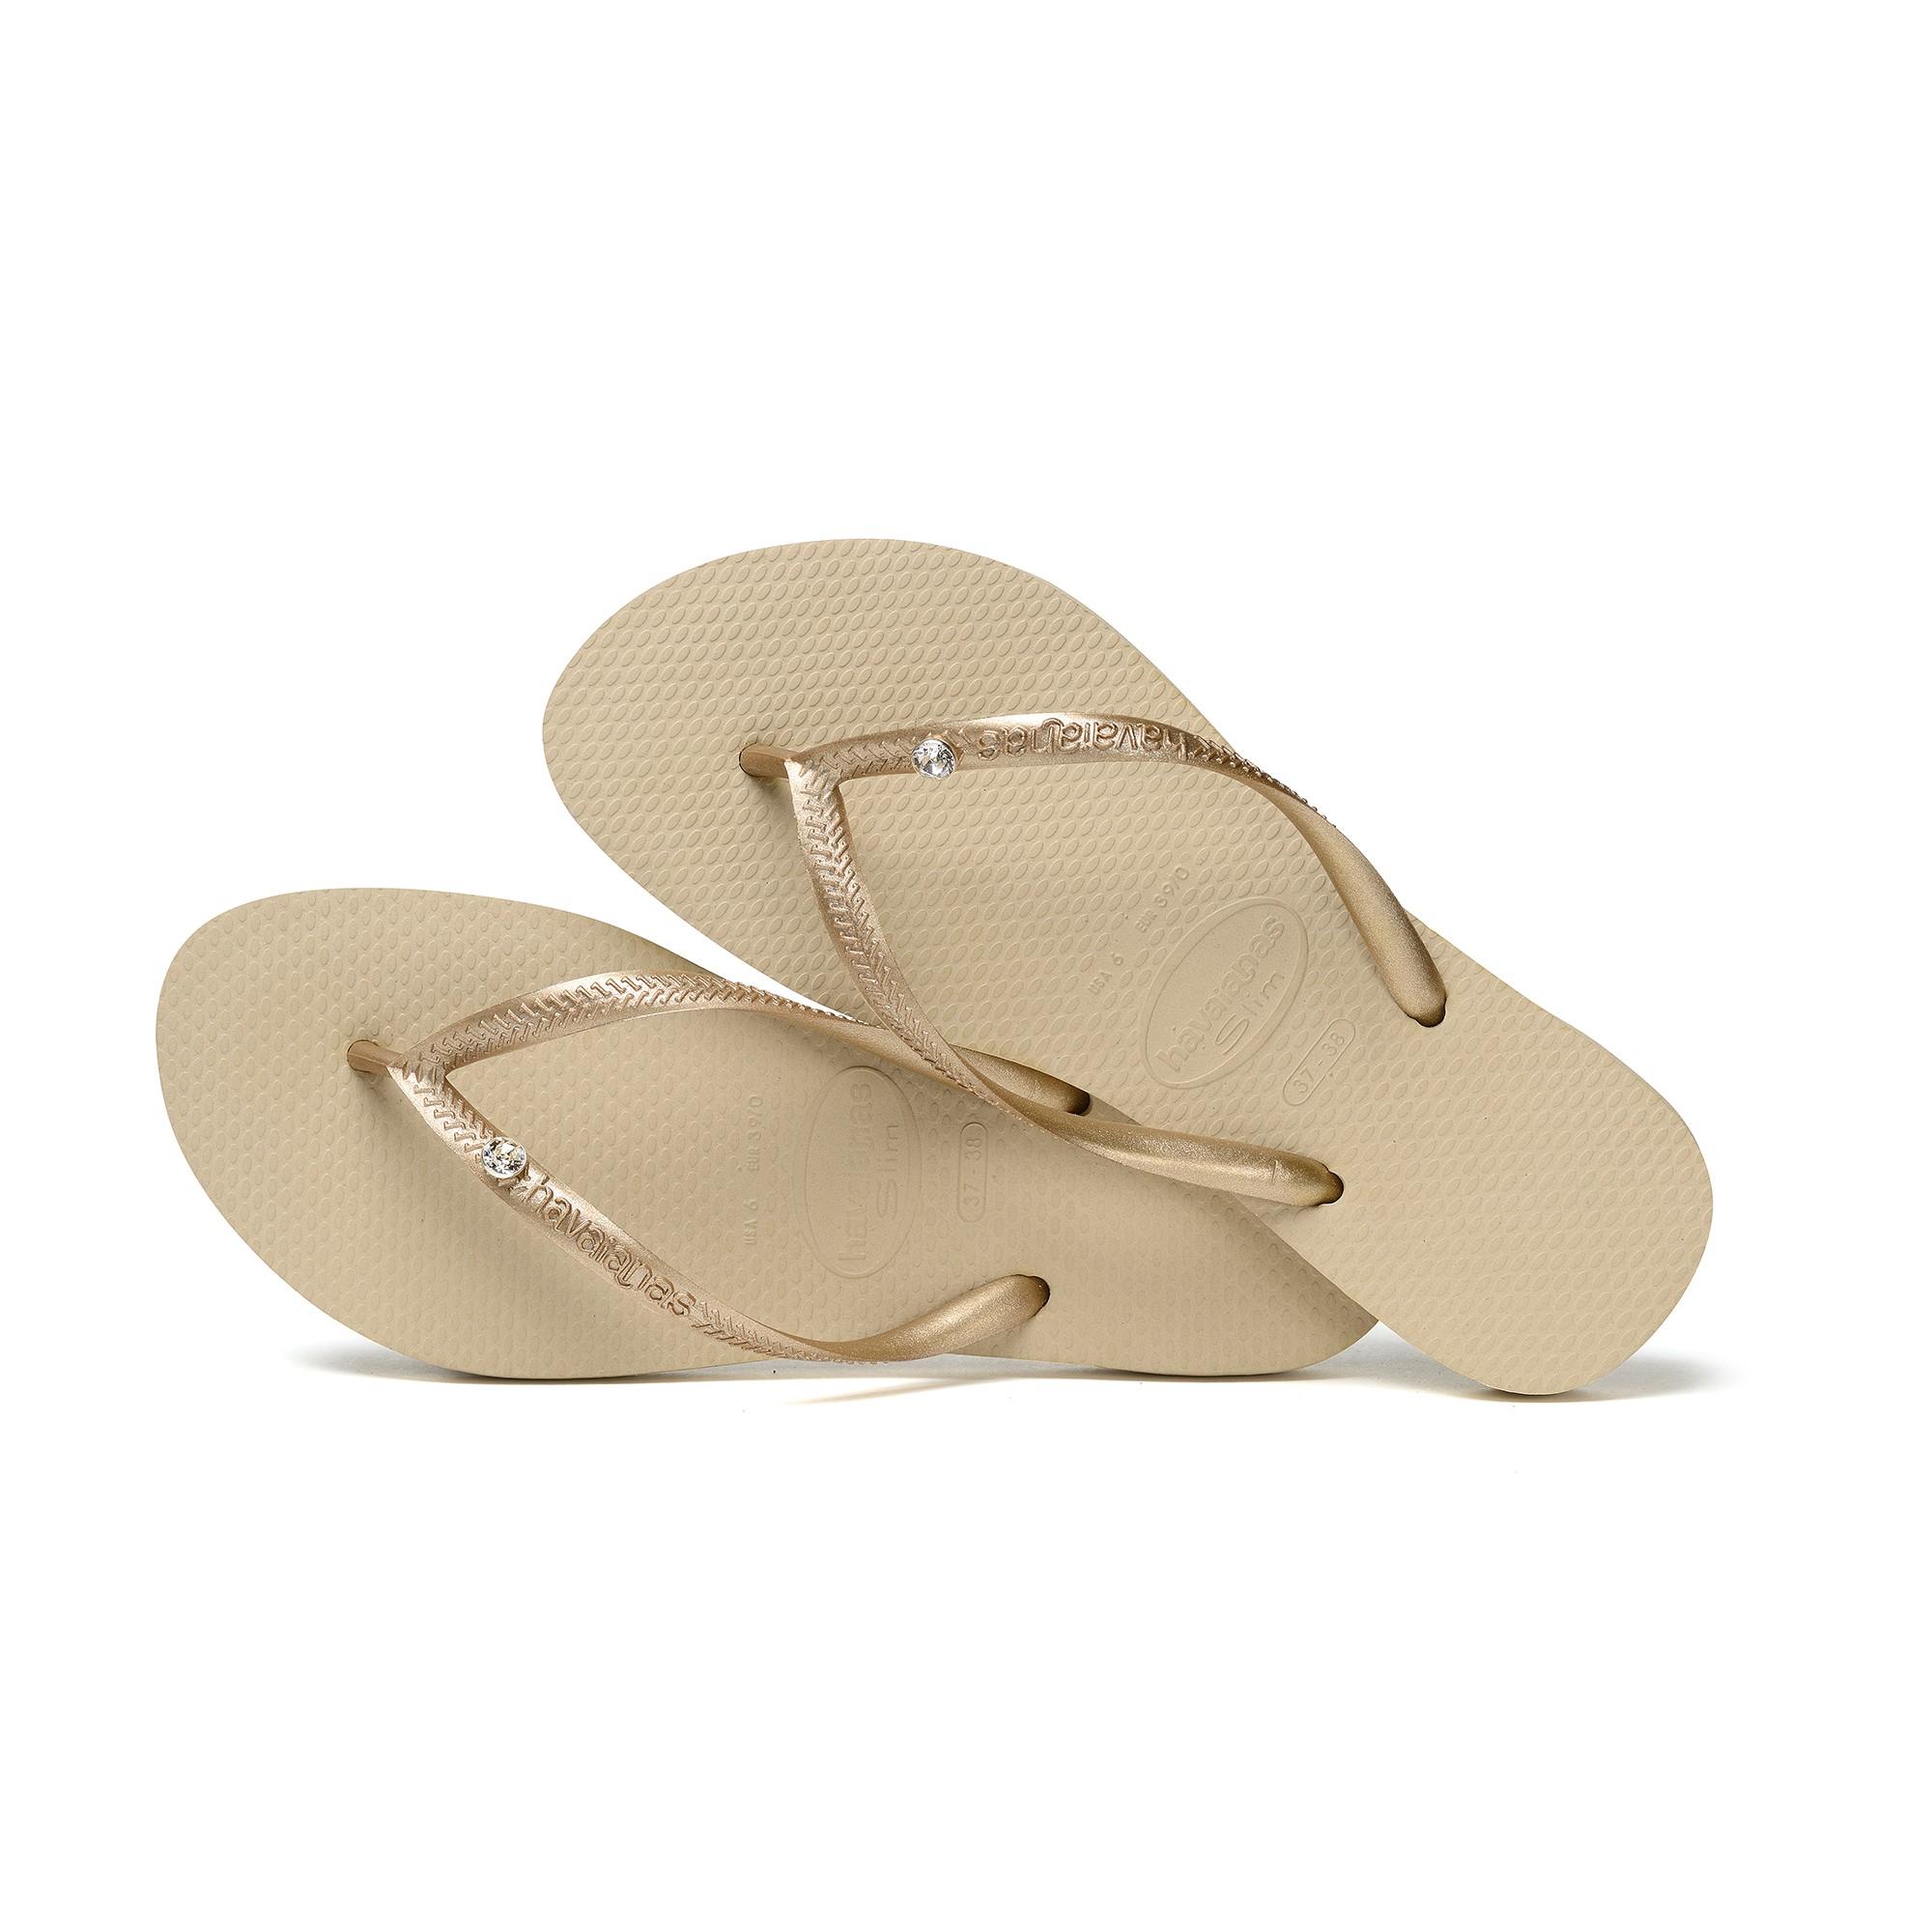 413a0742ca0a HAVAIANAS Women s Flip Flops 4119517 8548 ROSE GOLD